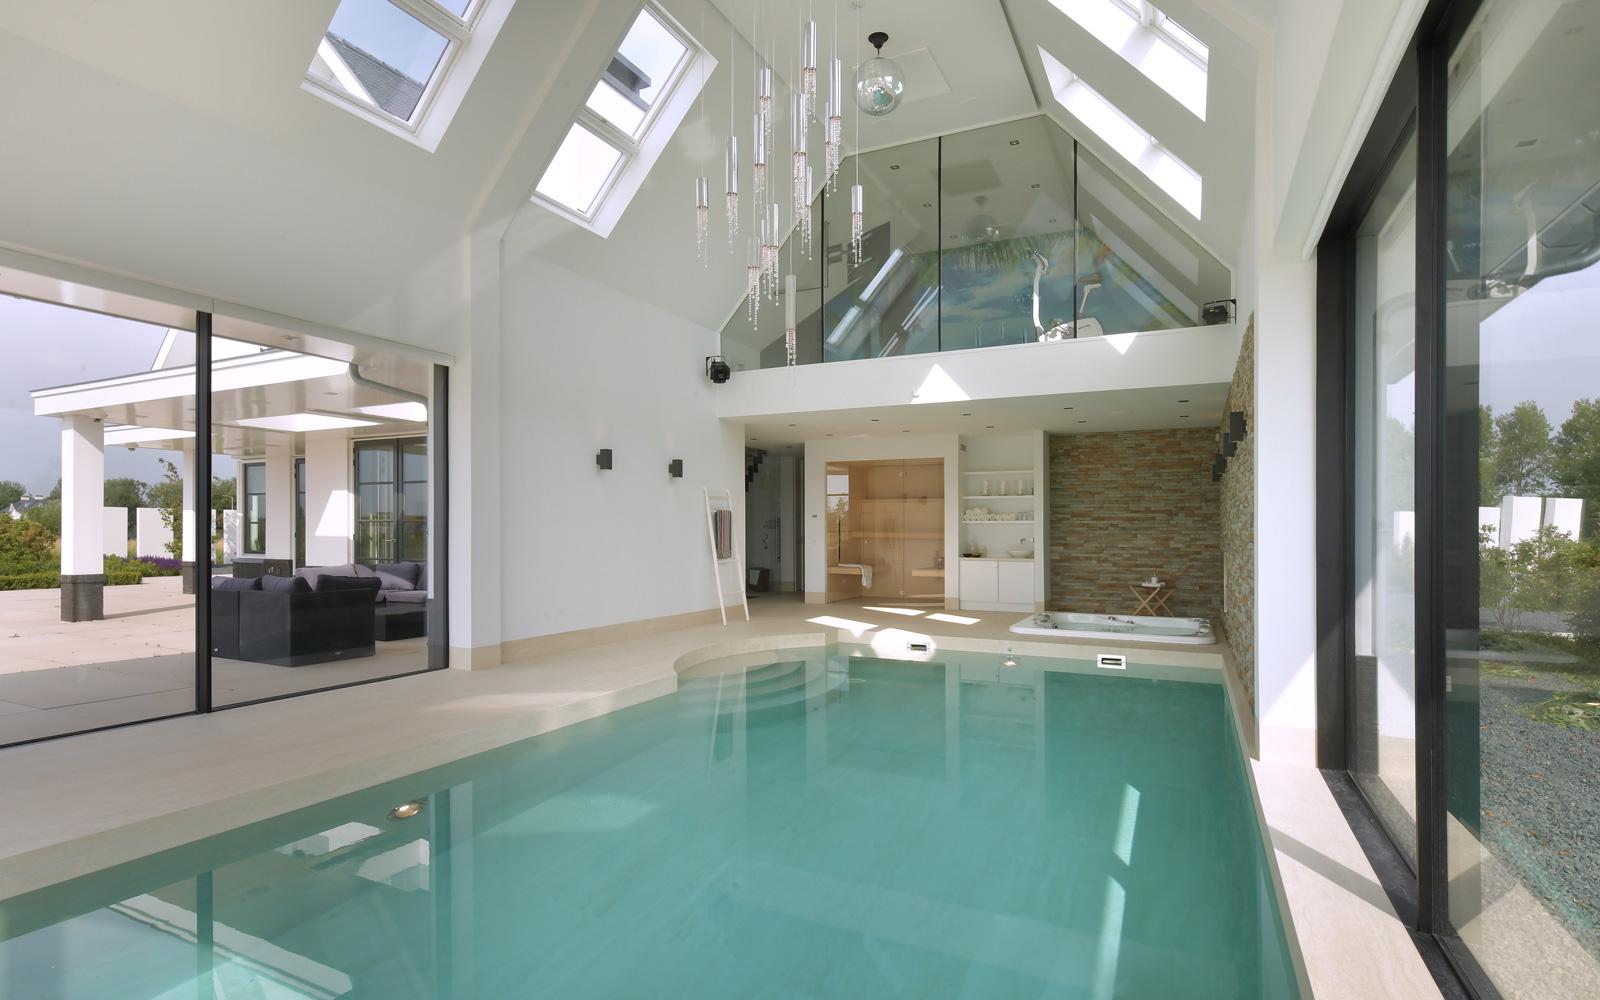 De designverlichting staat mooi op het binnenzwembad van Spijker & Van Ouwerkerk.